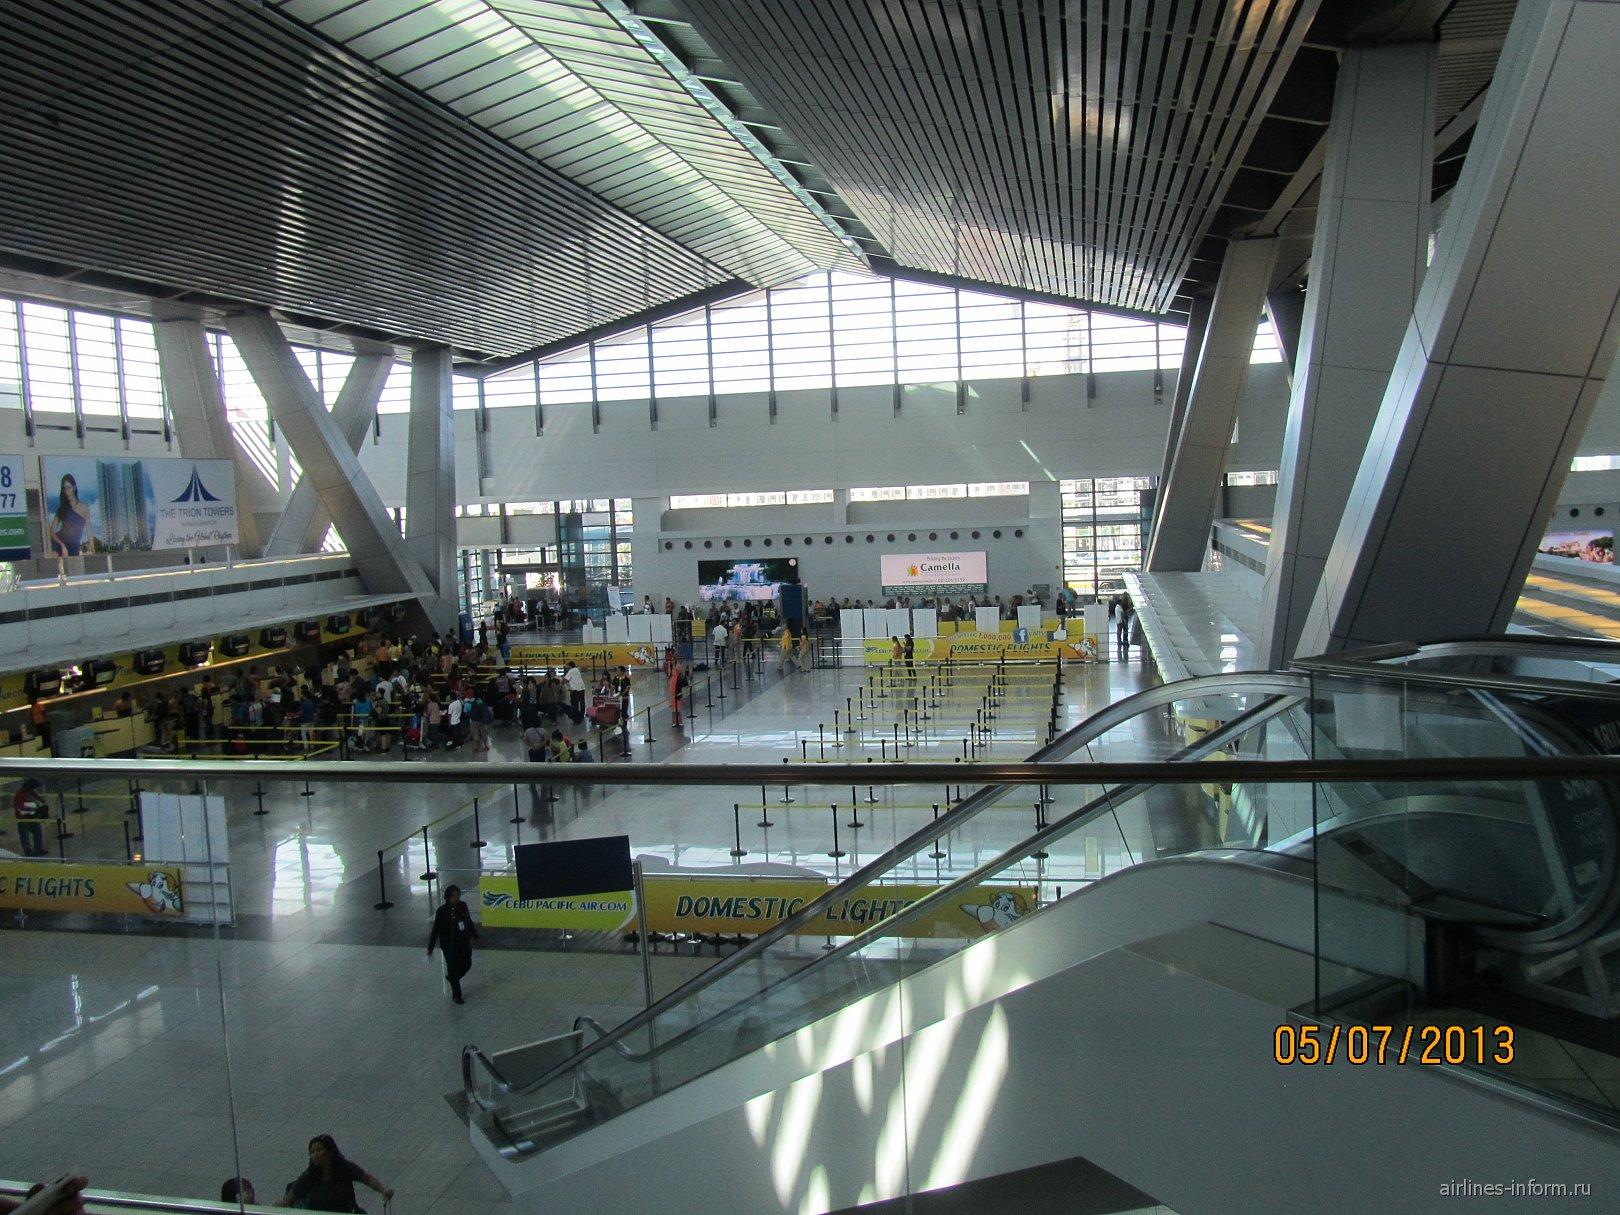 Зал вылета в аэропорту Манила Ниной Акуино